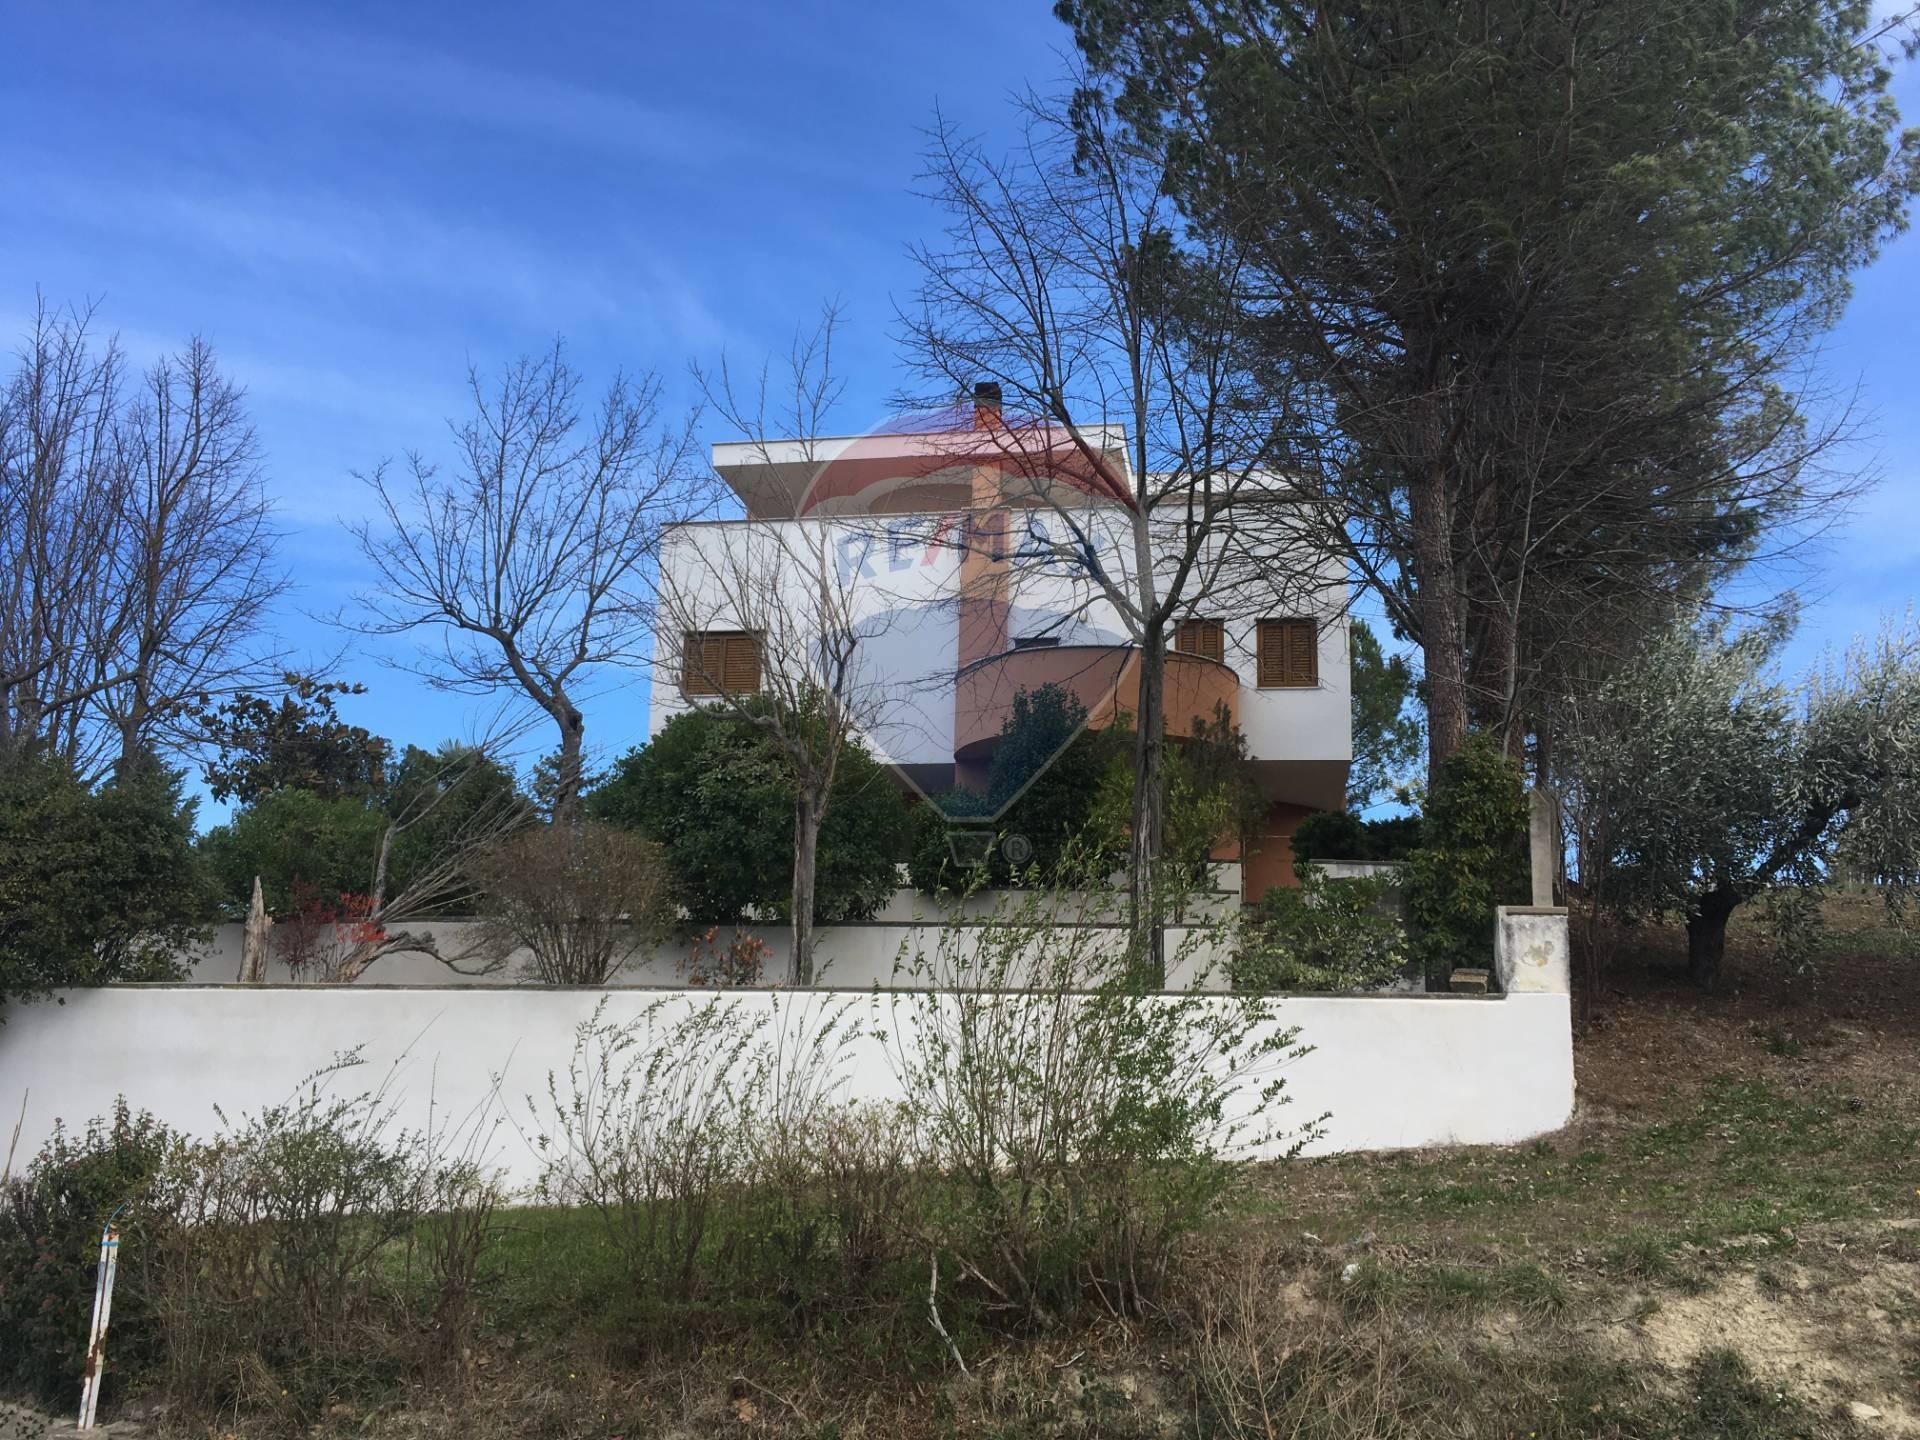 Villa in vendita a Bucchianico, 15 locali, prezzo € 280.000 | CambioCasa.it